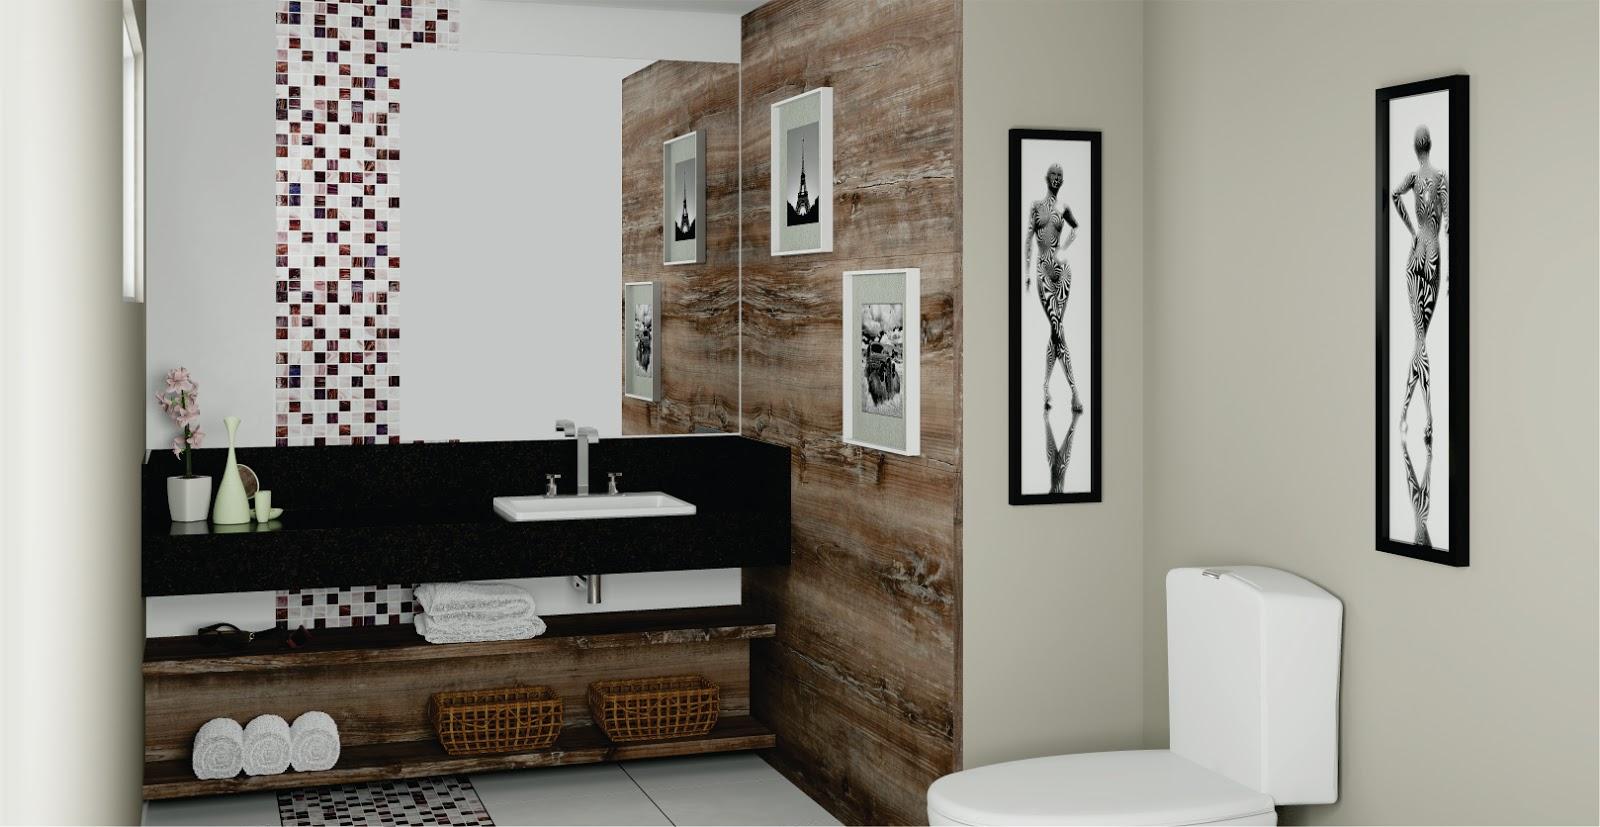 #5E4A38 MaxxPrime : Banheiros e Lavabos 1600x827 px Banheiros Pequenos E Lavabos 343